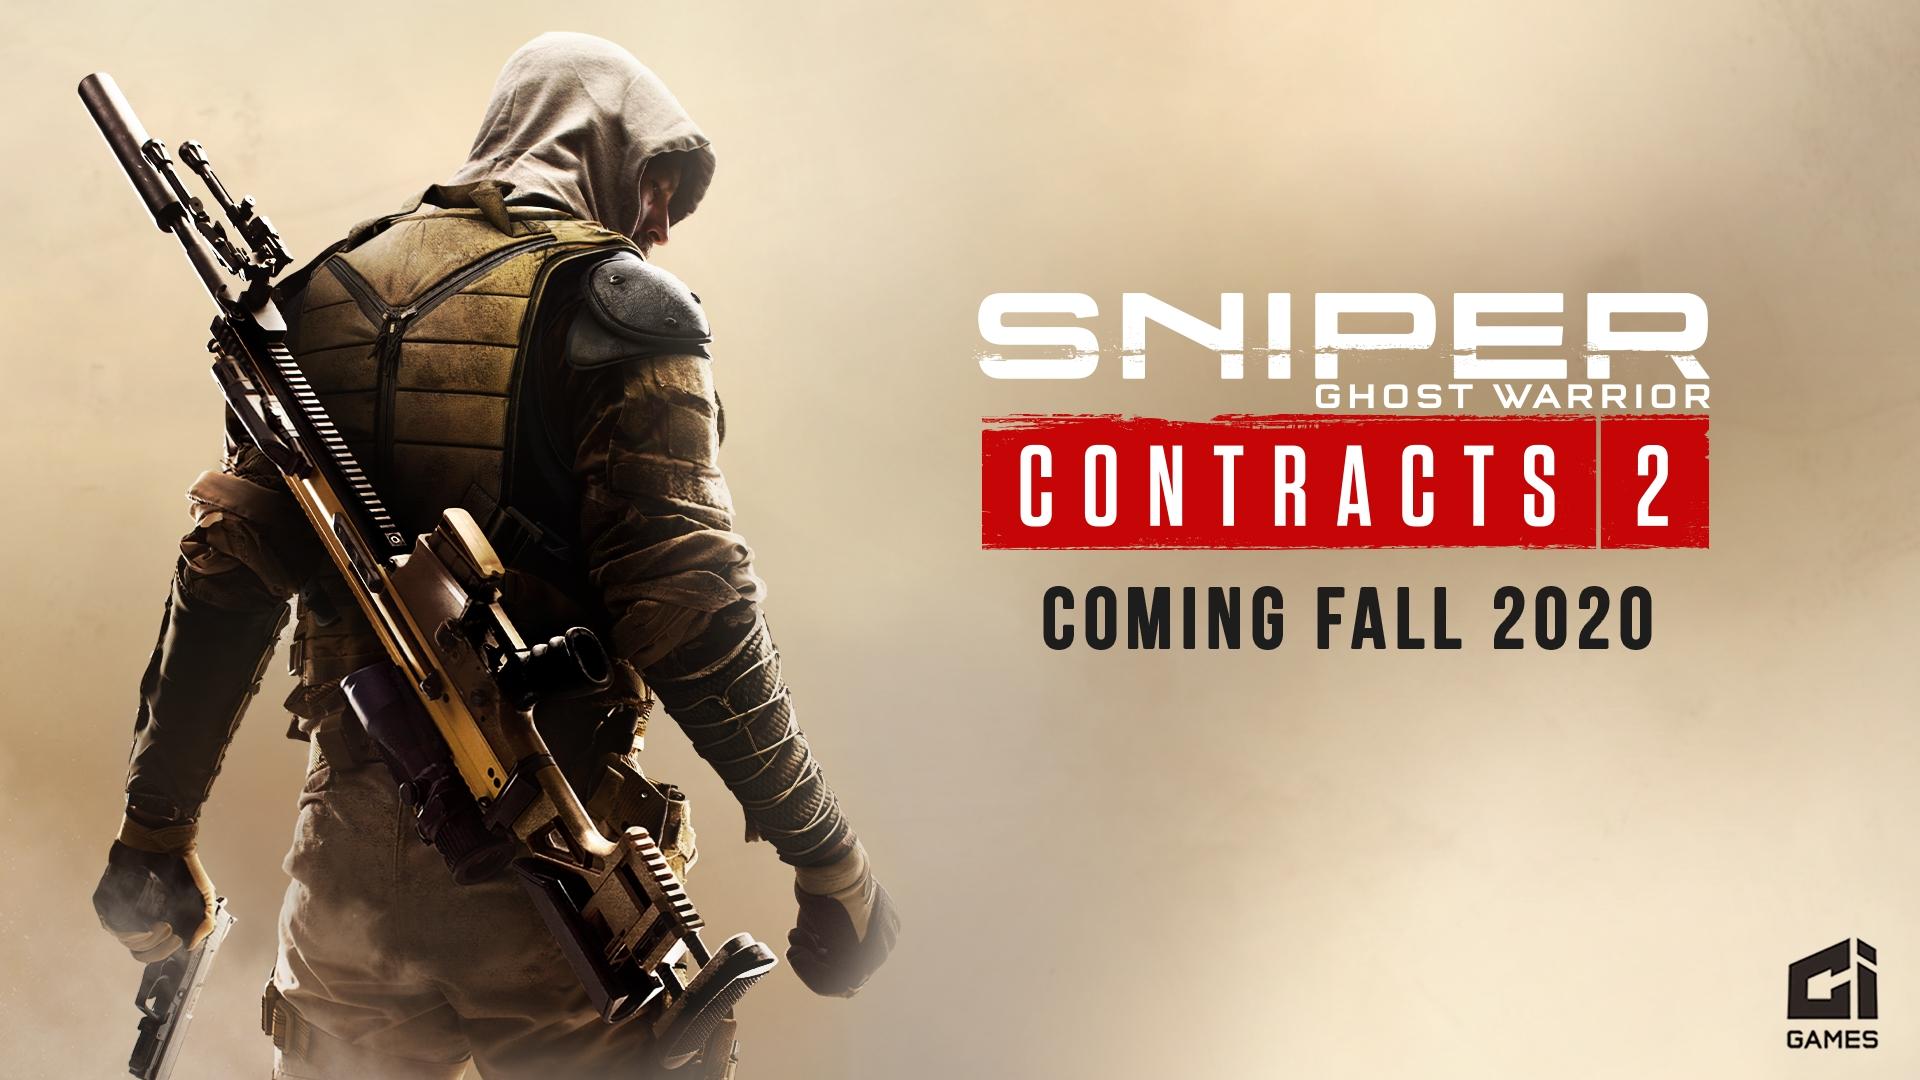 《狙击手:幽灵战士契约2》公布 今年秋季发售